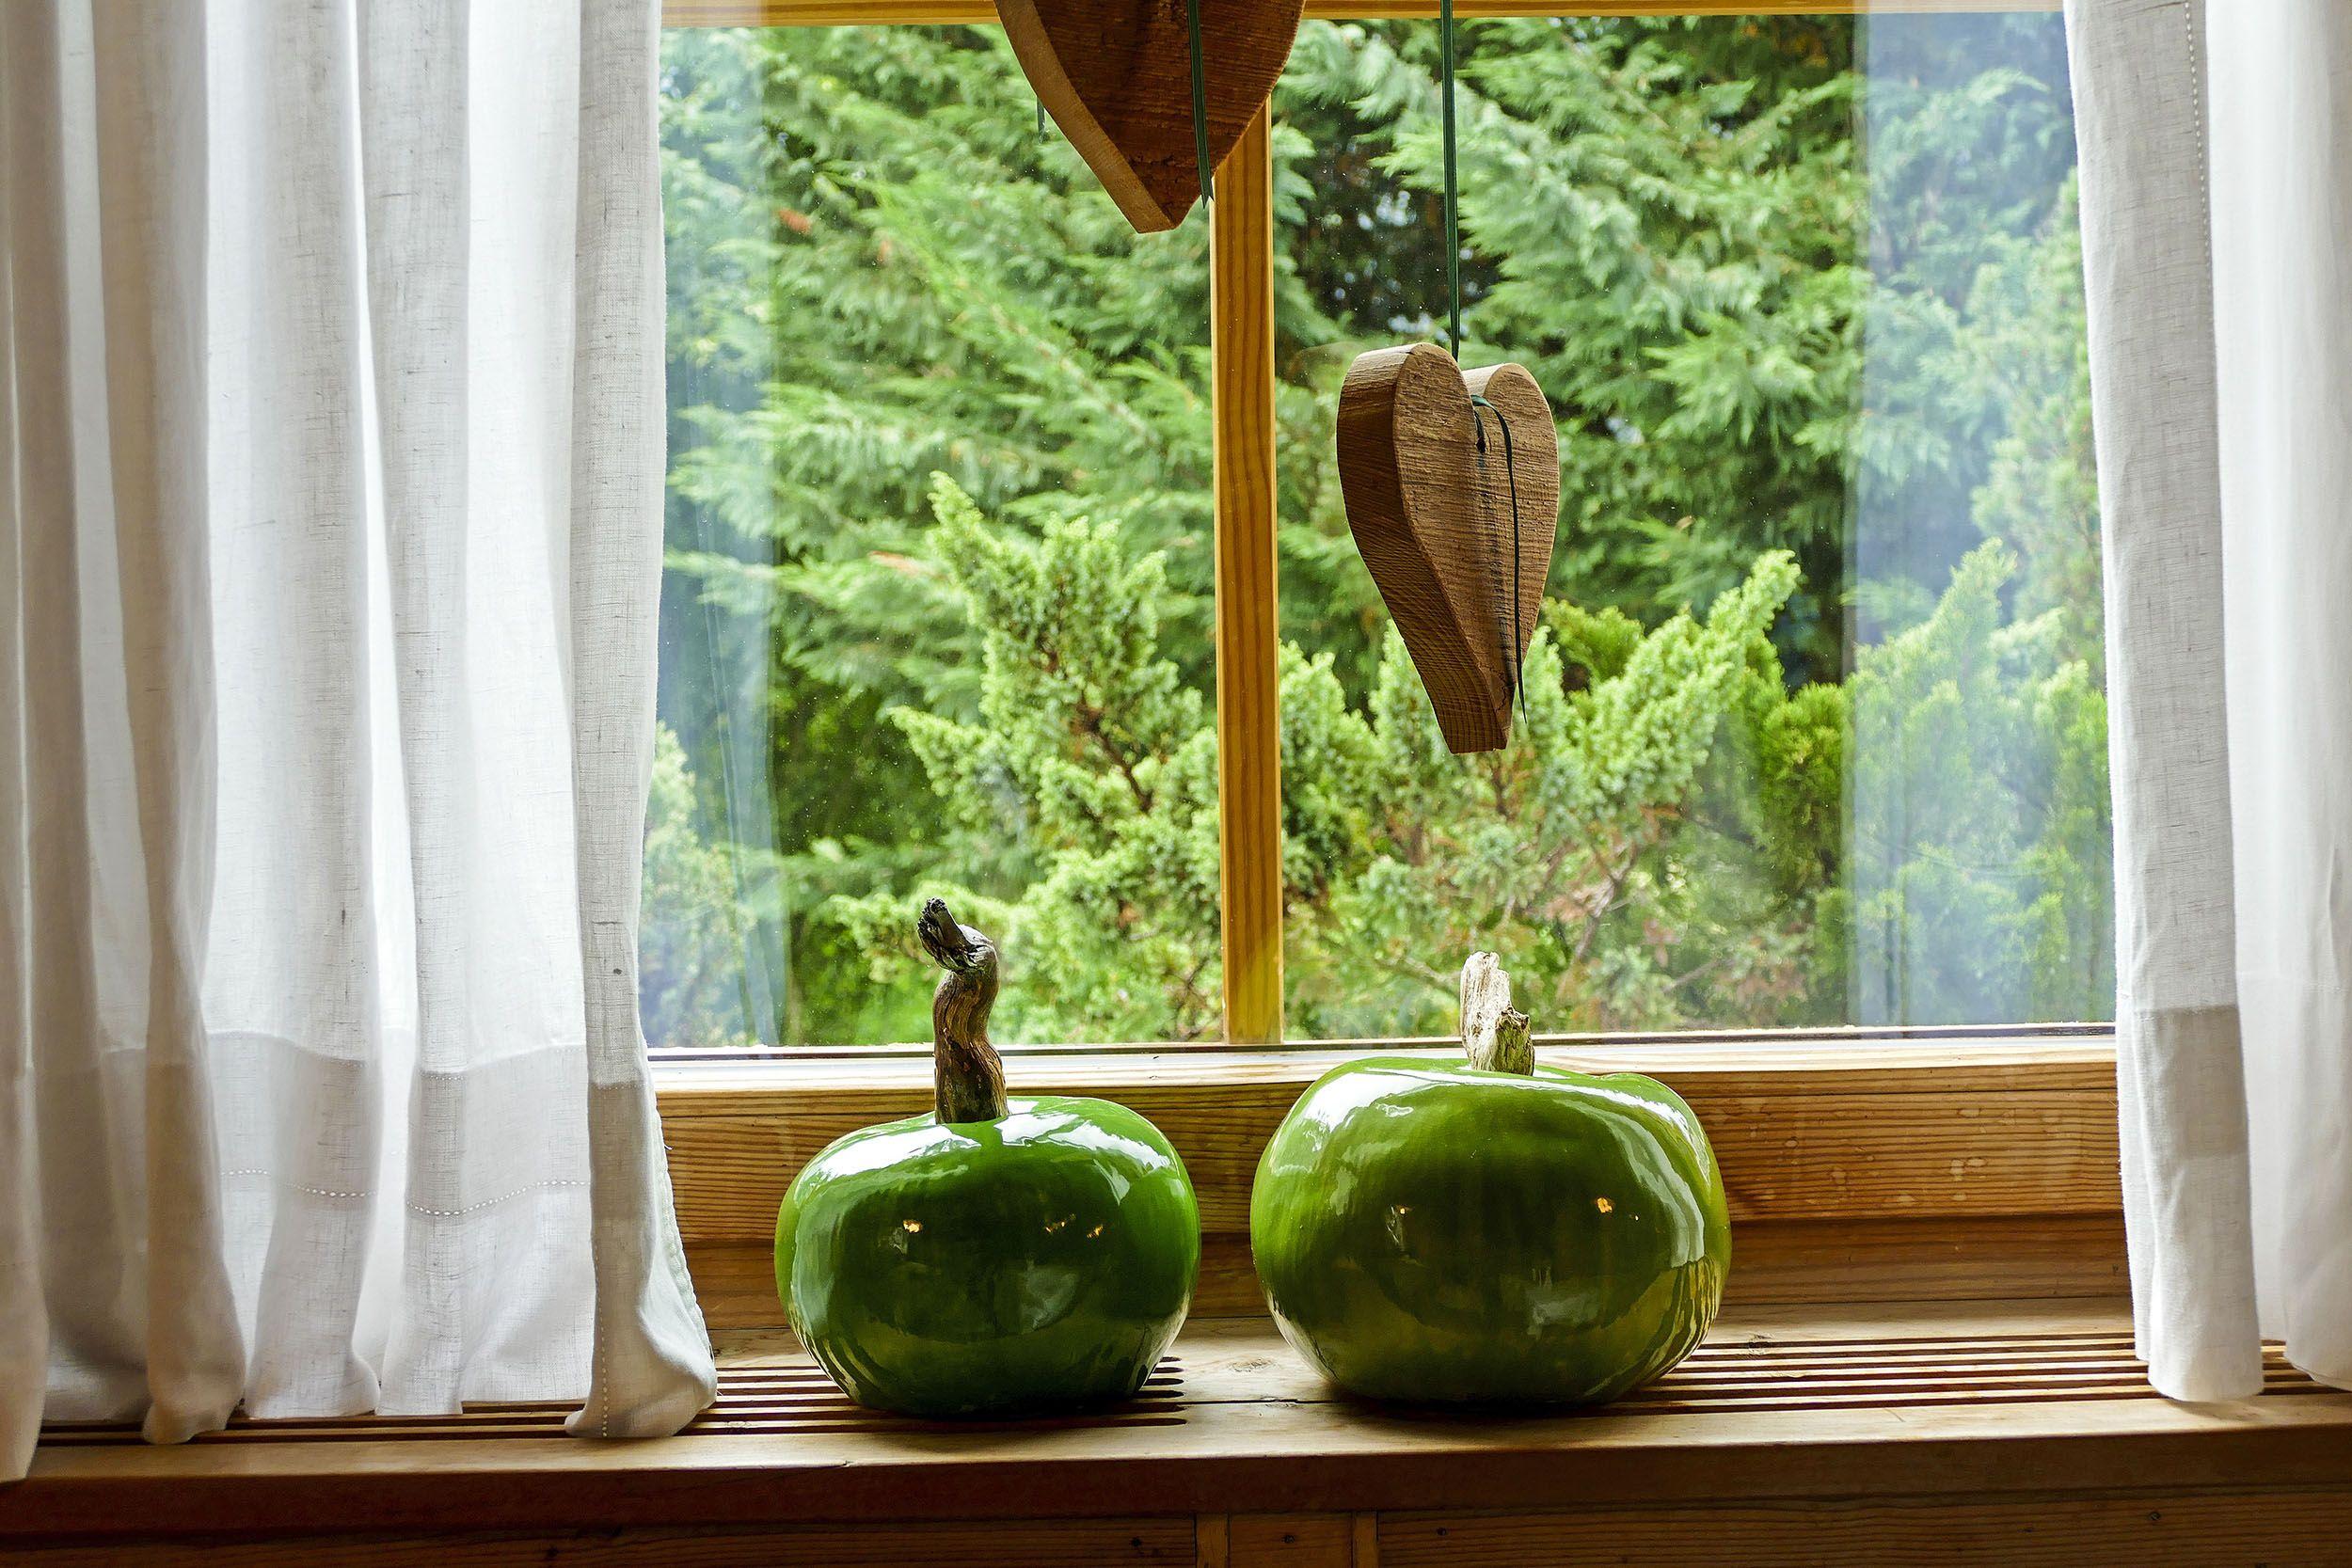 Modellierte Äpfel auf der Fensterbank